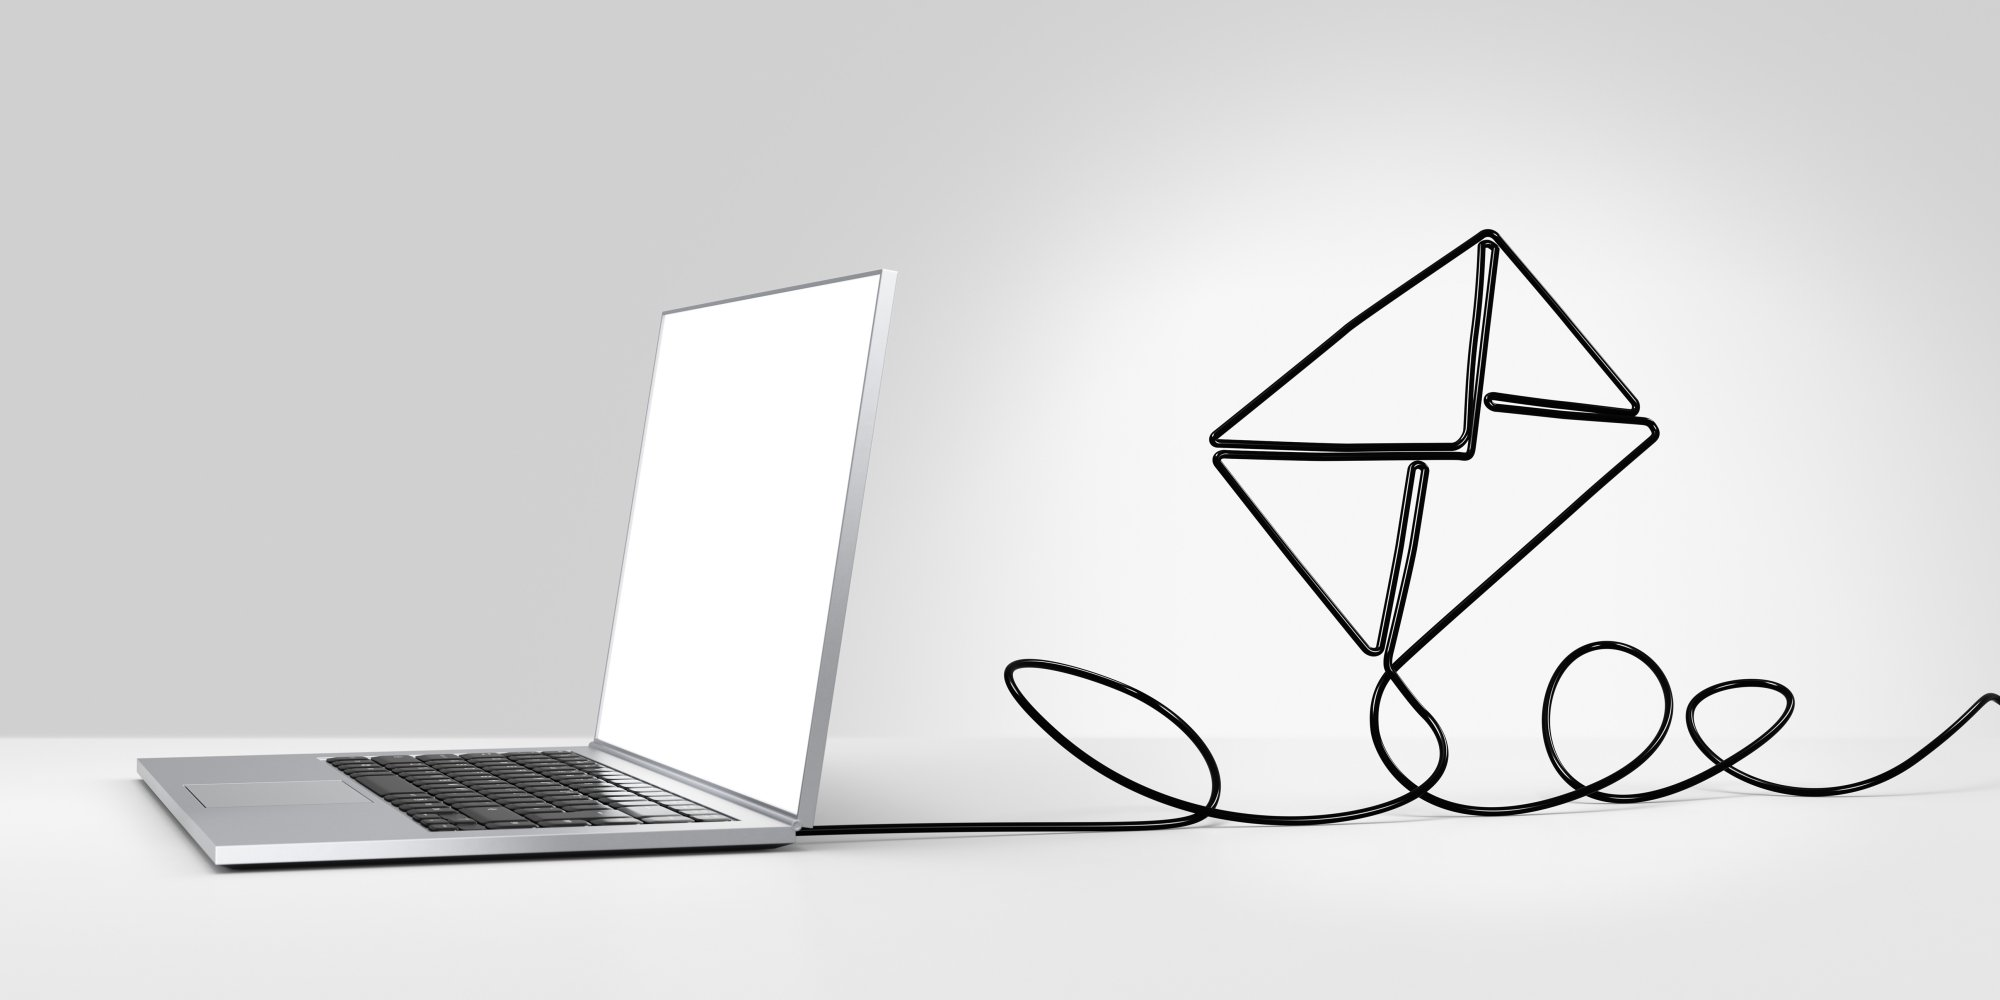 E-posta Pazarlamada 'E-posta Konu Başlığı' Stratejileri